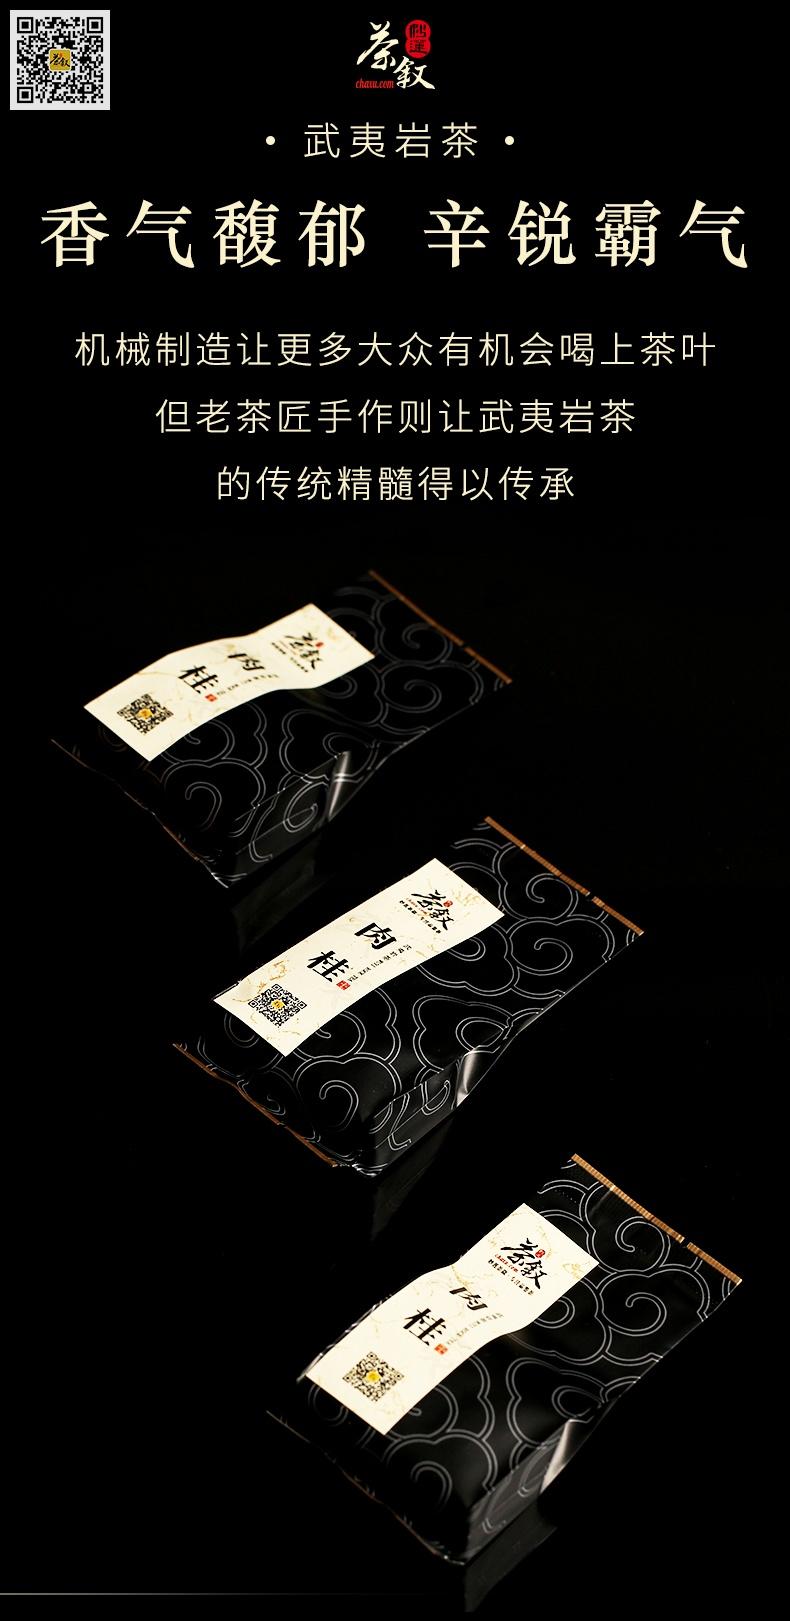 肉桂岩茶工作茶泡袋包装方式